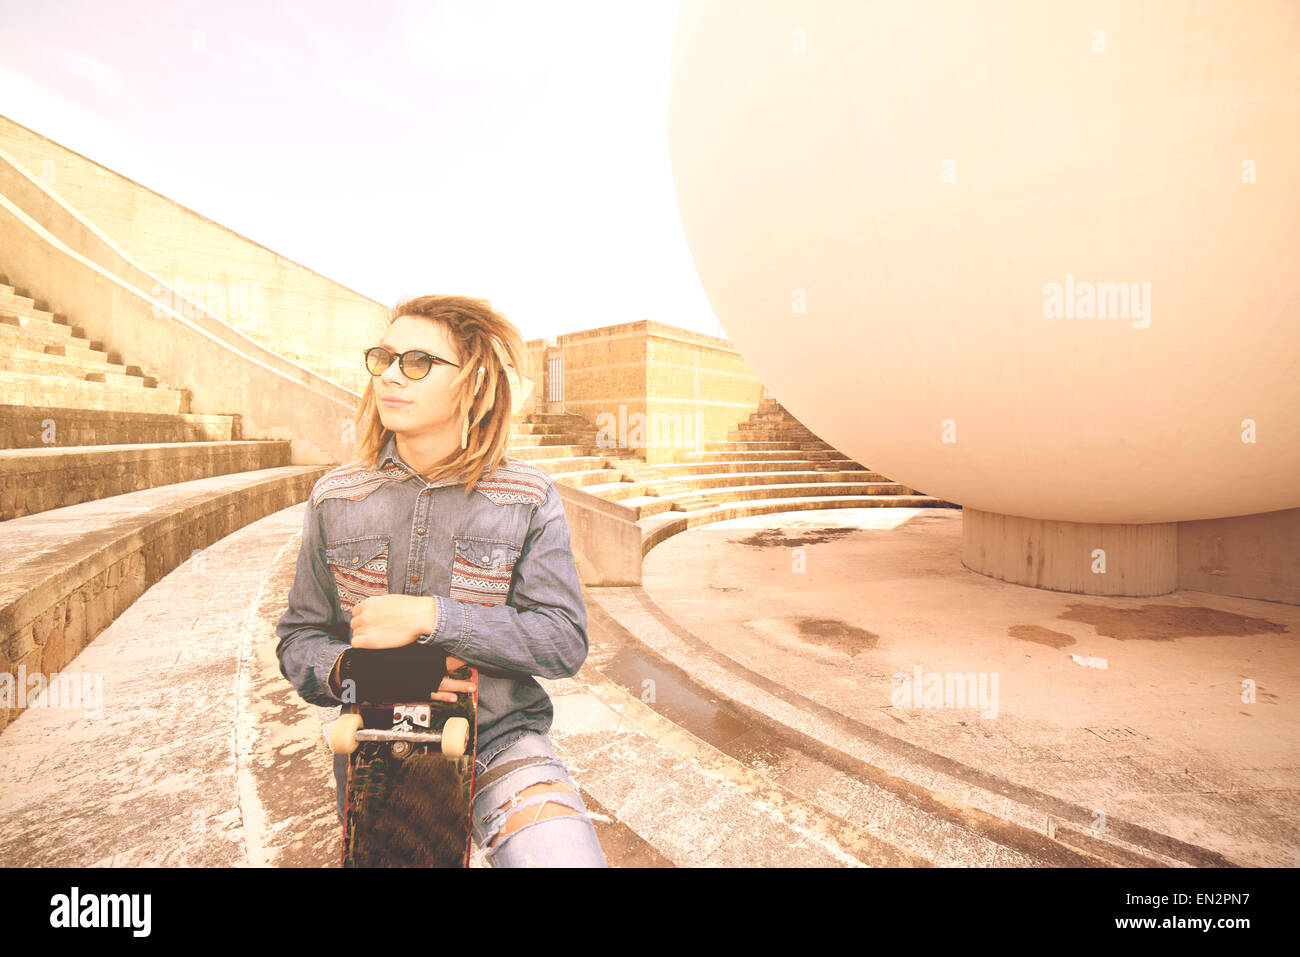 Retrato de joven con pelo rasta y skate en un concepto de estilo de vida Imagen De Stock